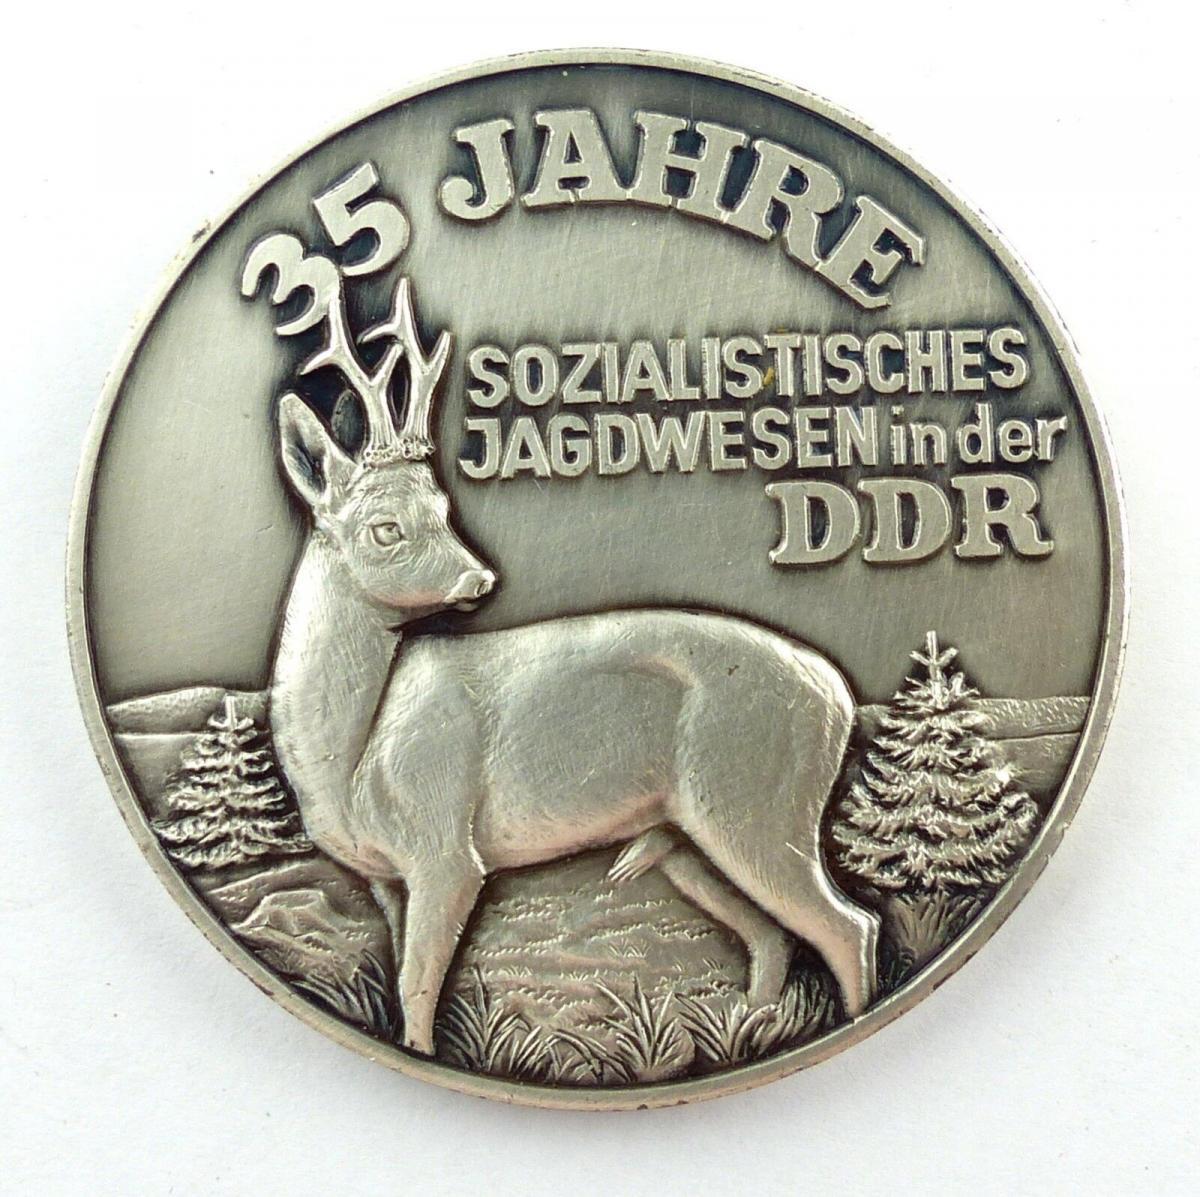 E9510 Medaille 35 Jahre sozialistisches Jagdwesen DDR gewidmet J.G. Obervogtland